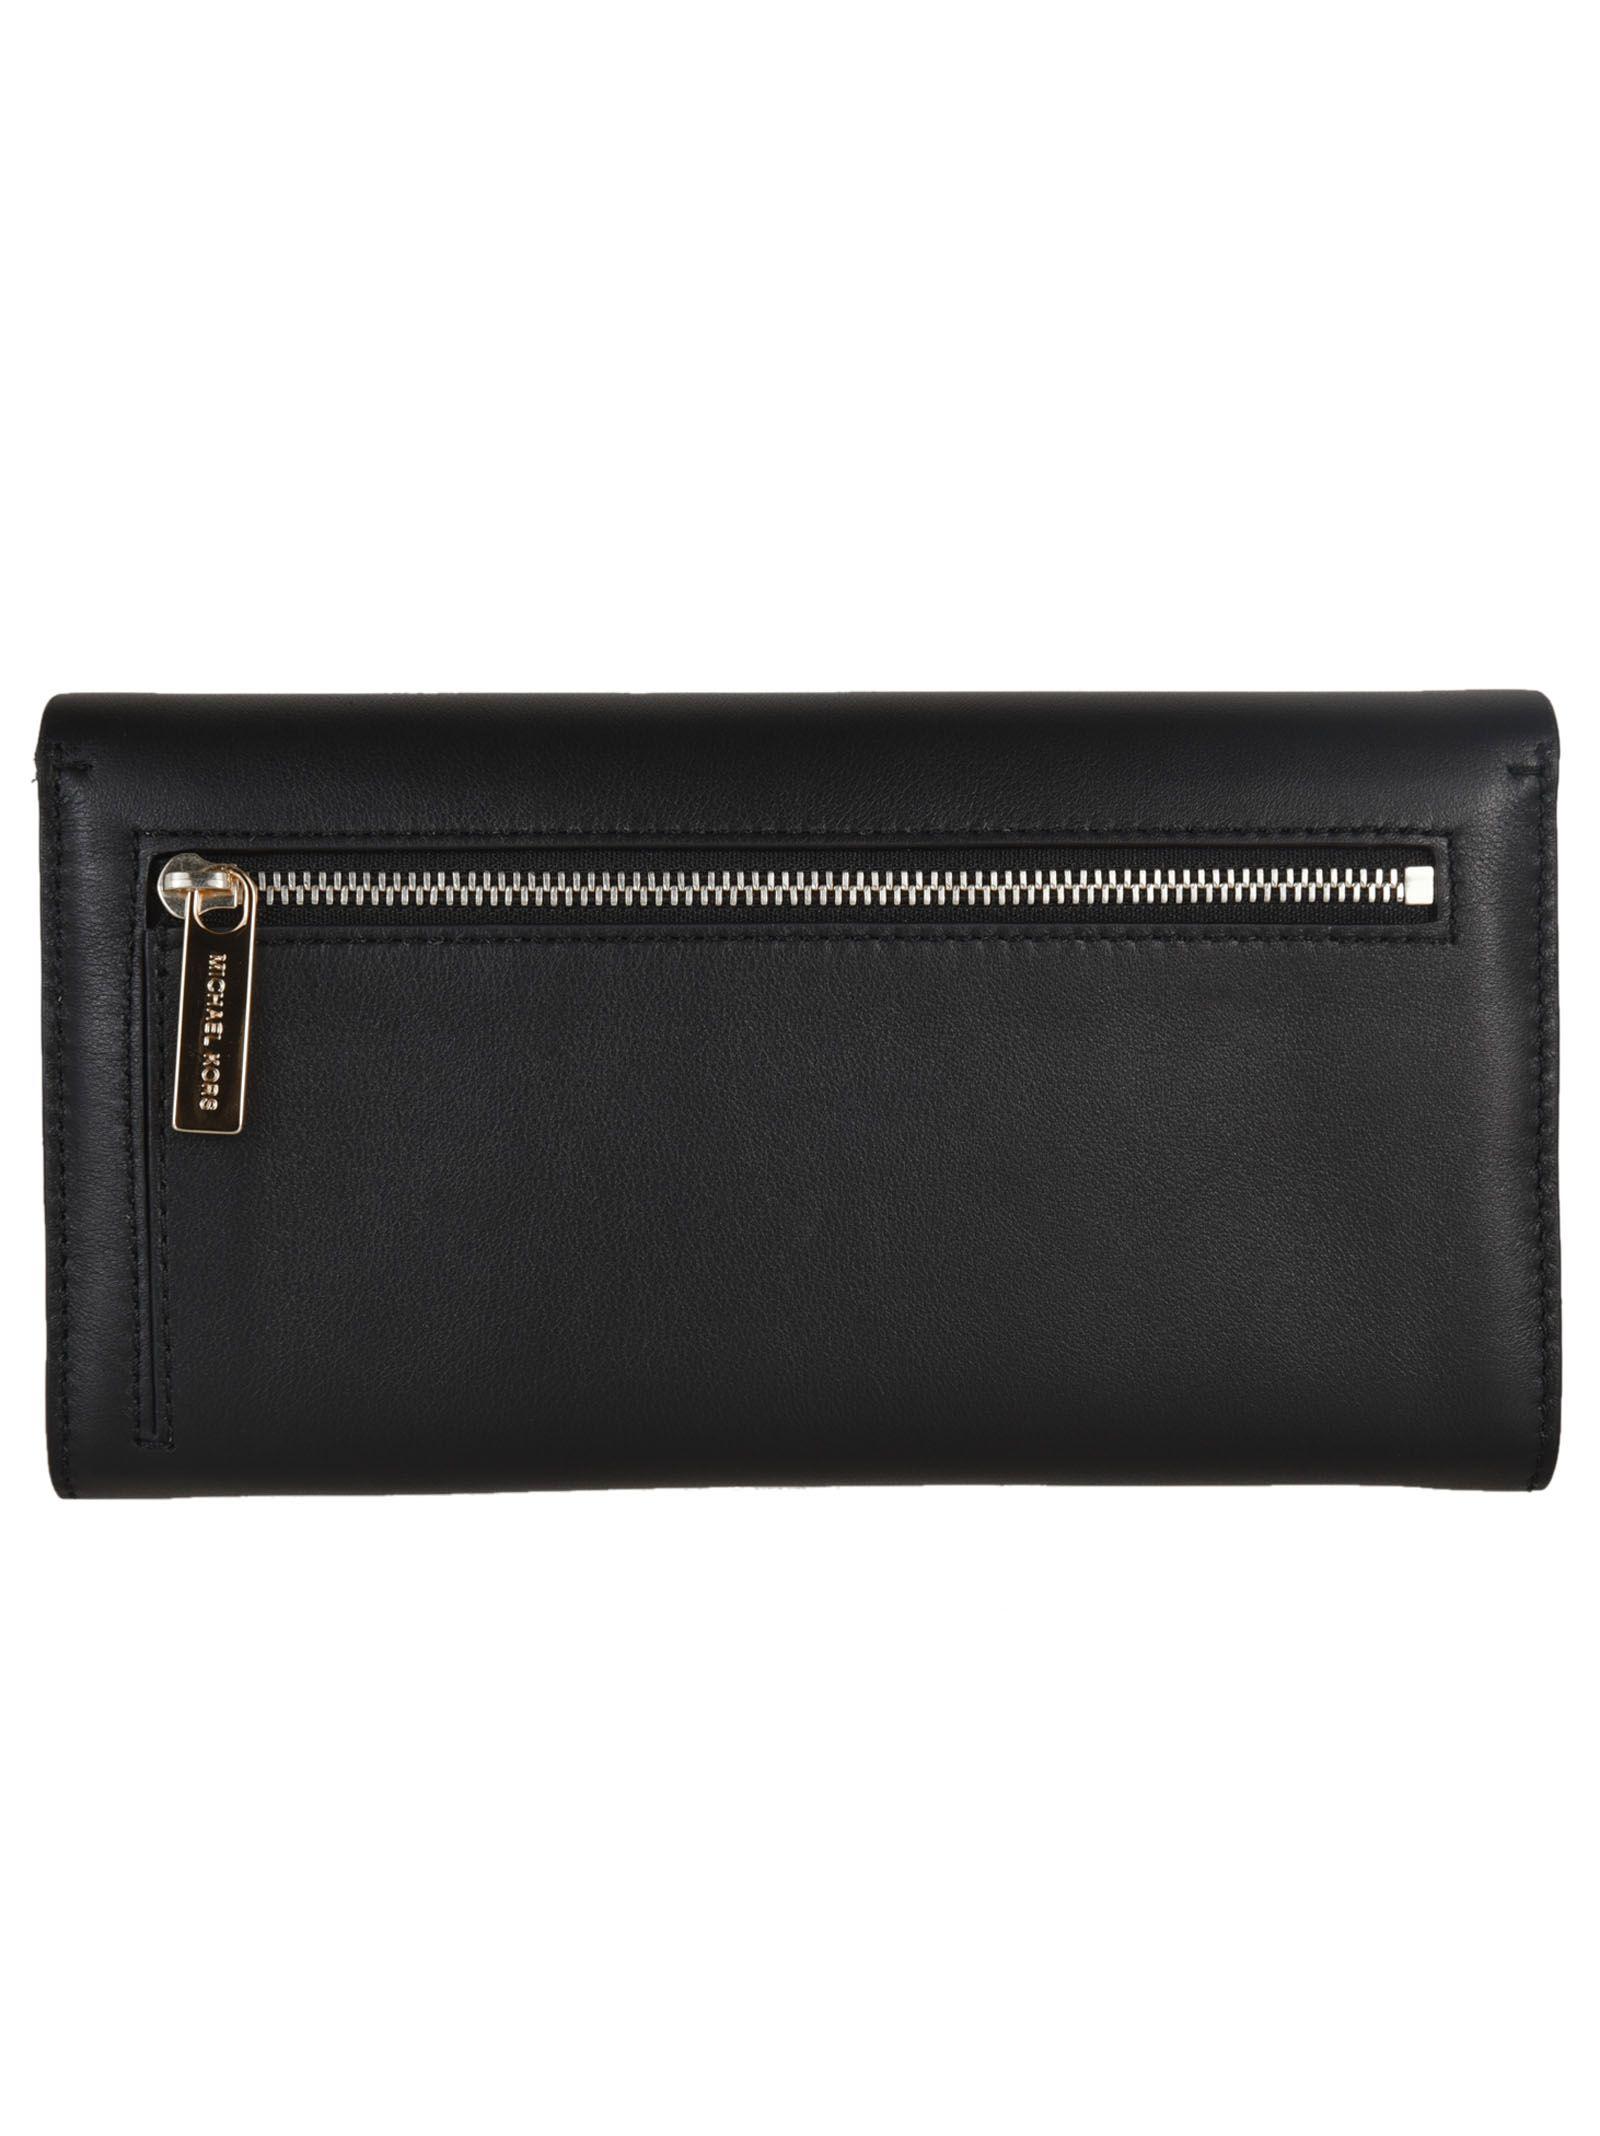 f9a1052fda08 Michael Kors Michael Kors Miranda Continental Wallet - Black ...